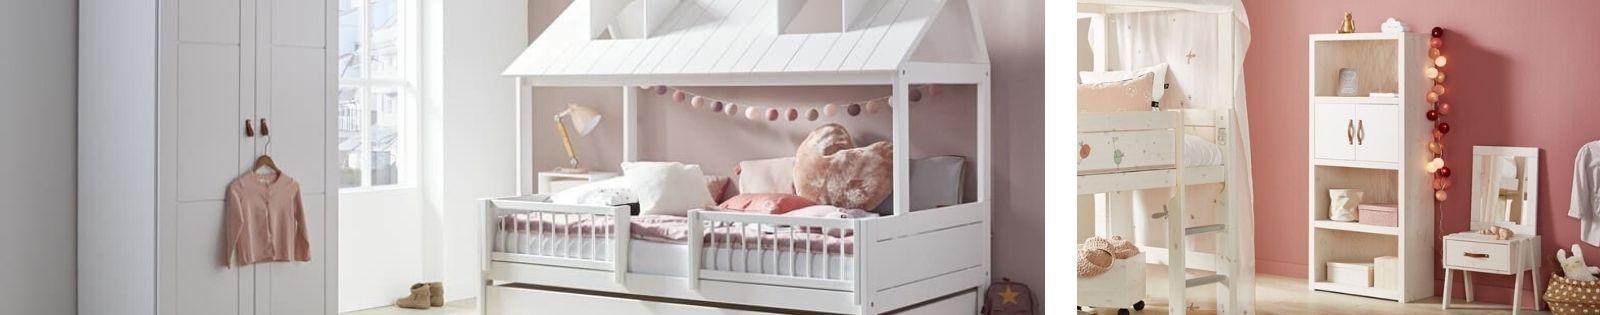 Armoires pour enfants : meubles haut de gamme. Le Monde du Lit